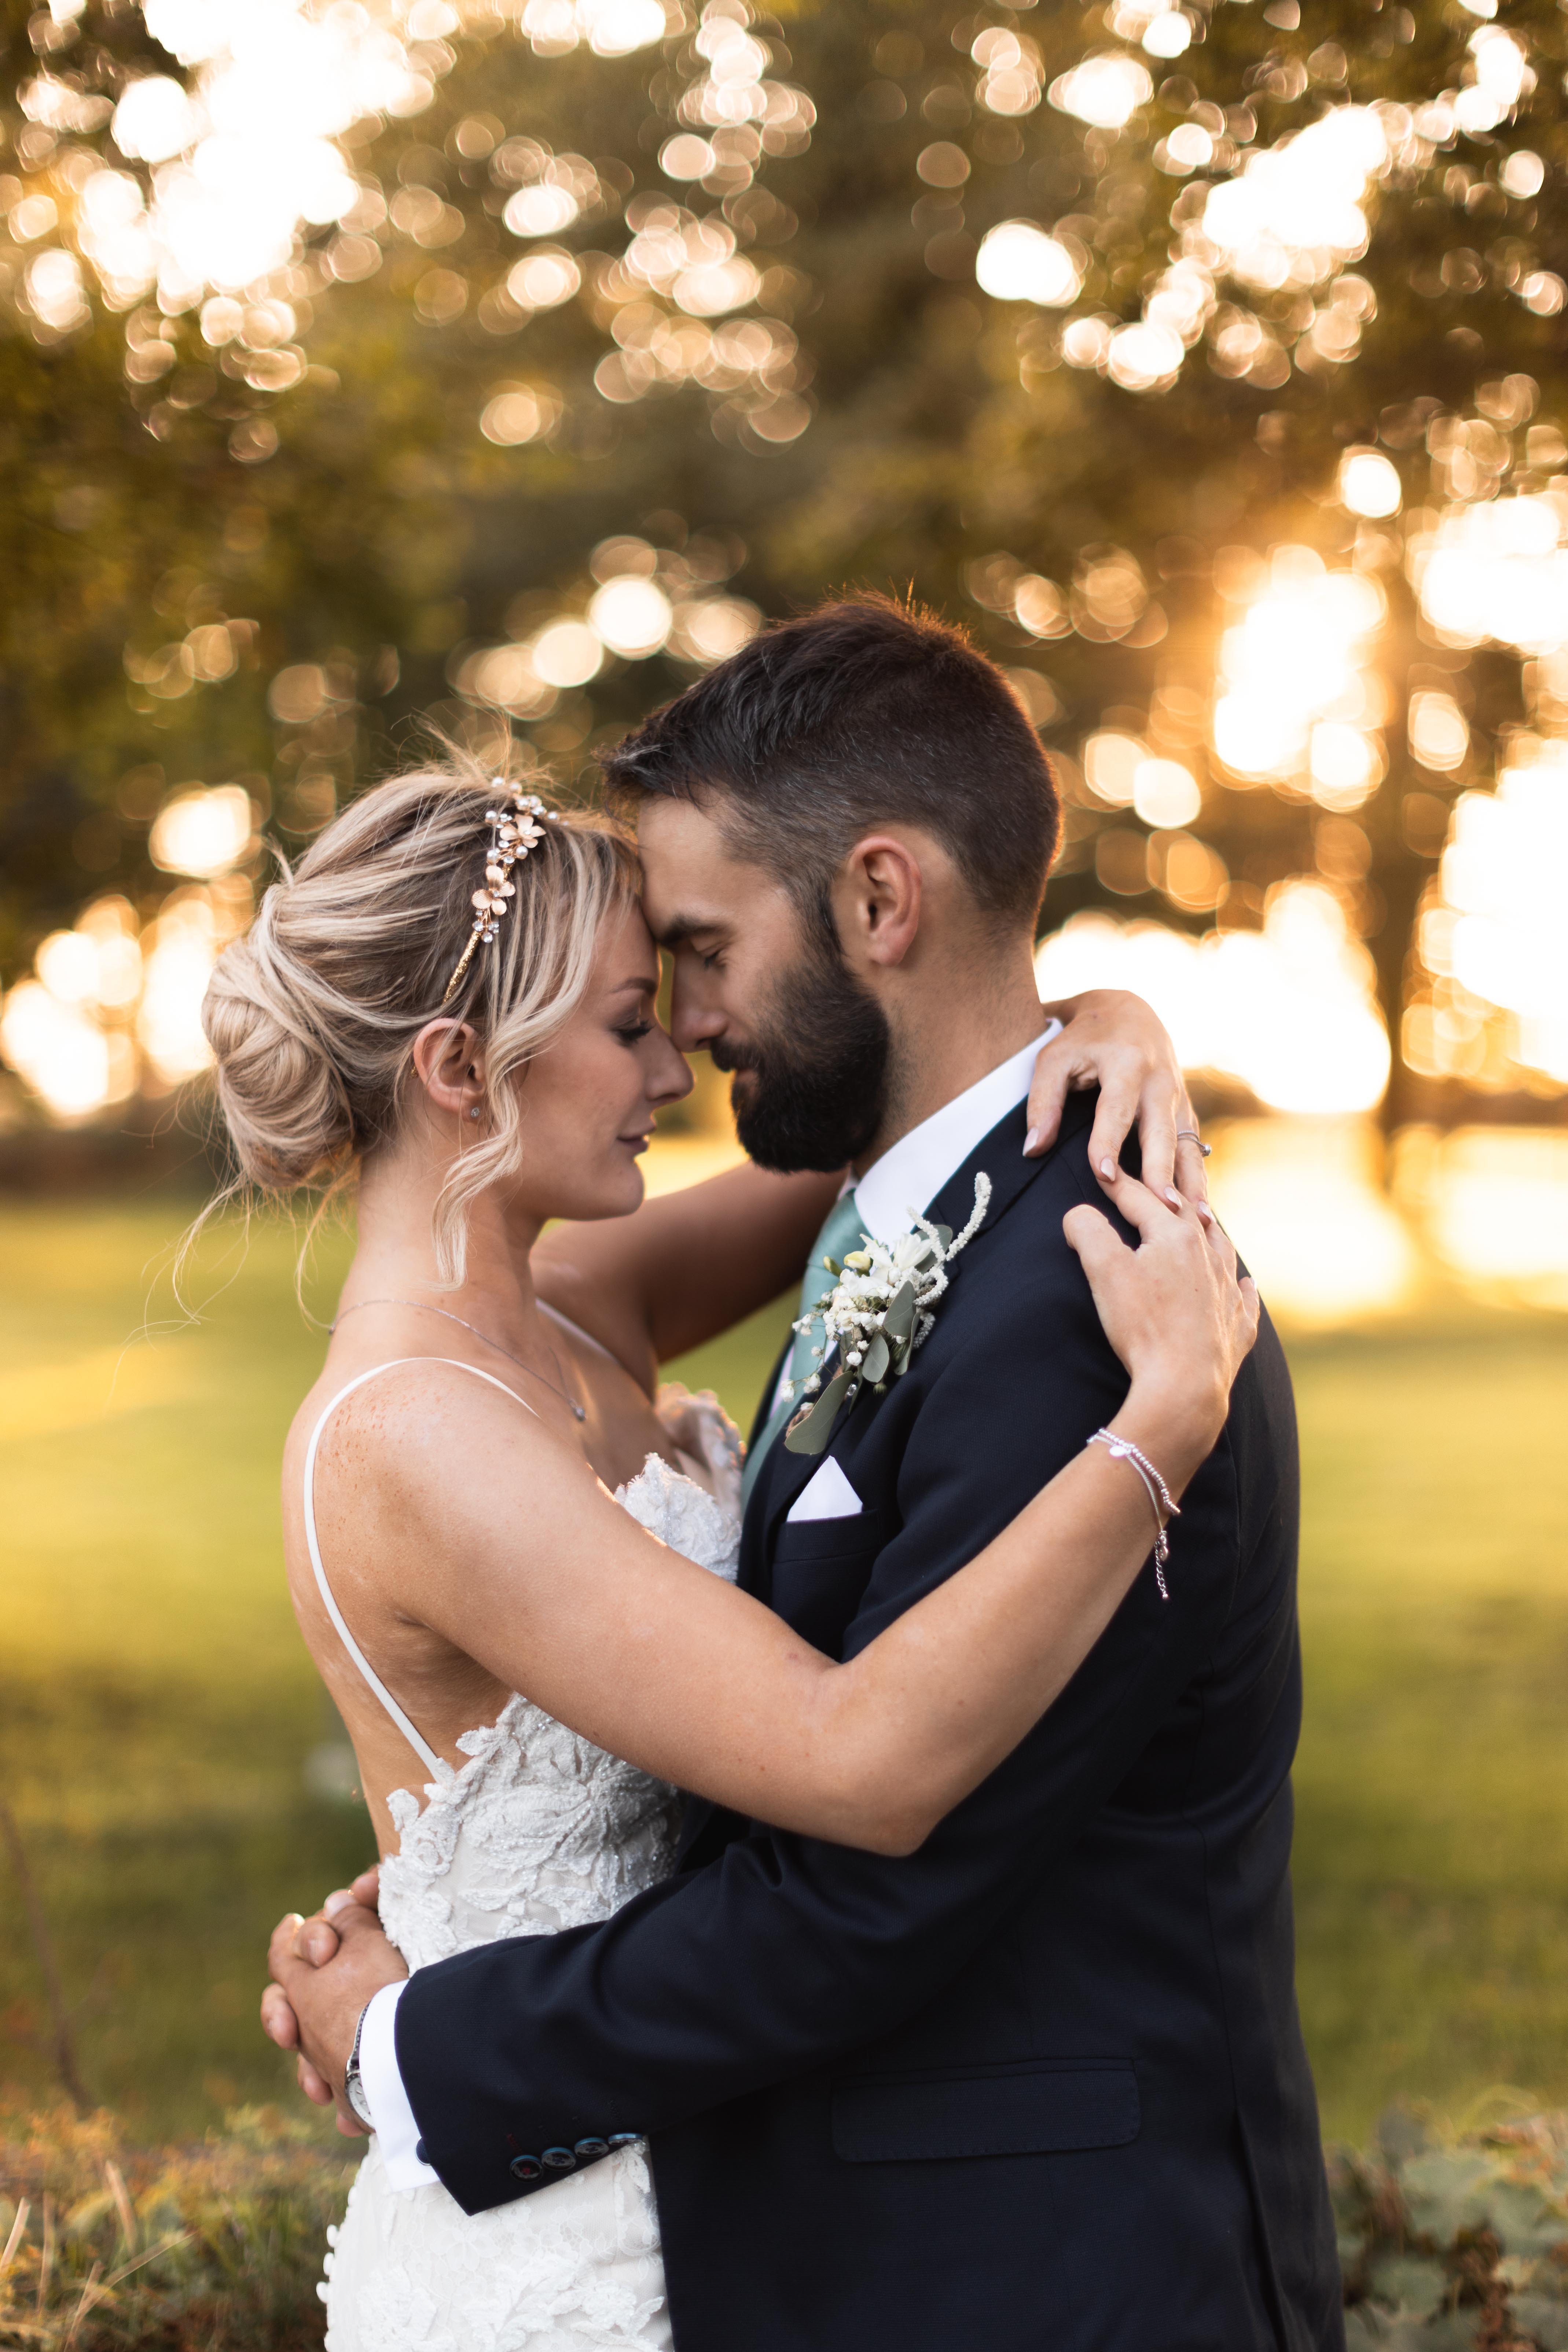 Wedding portrait in golden hour